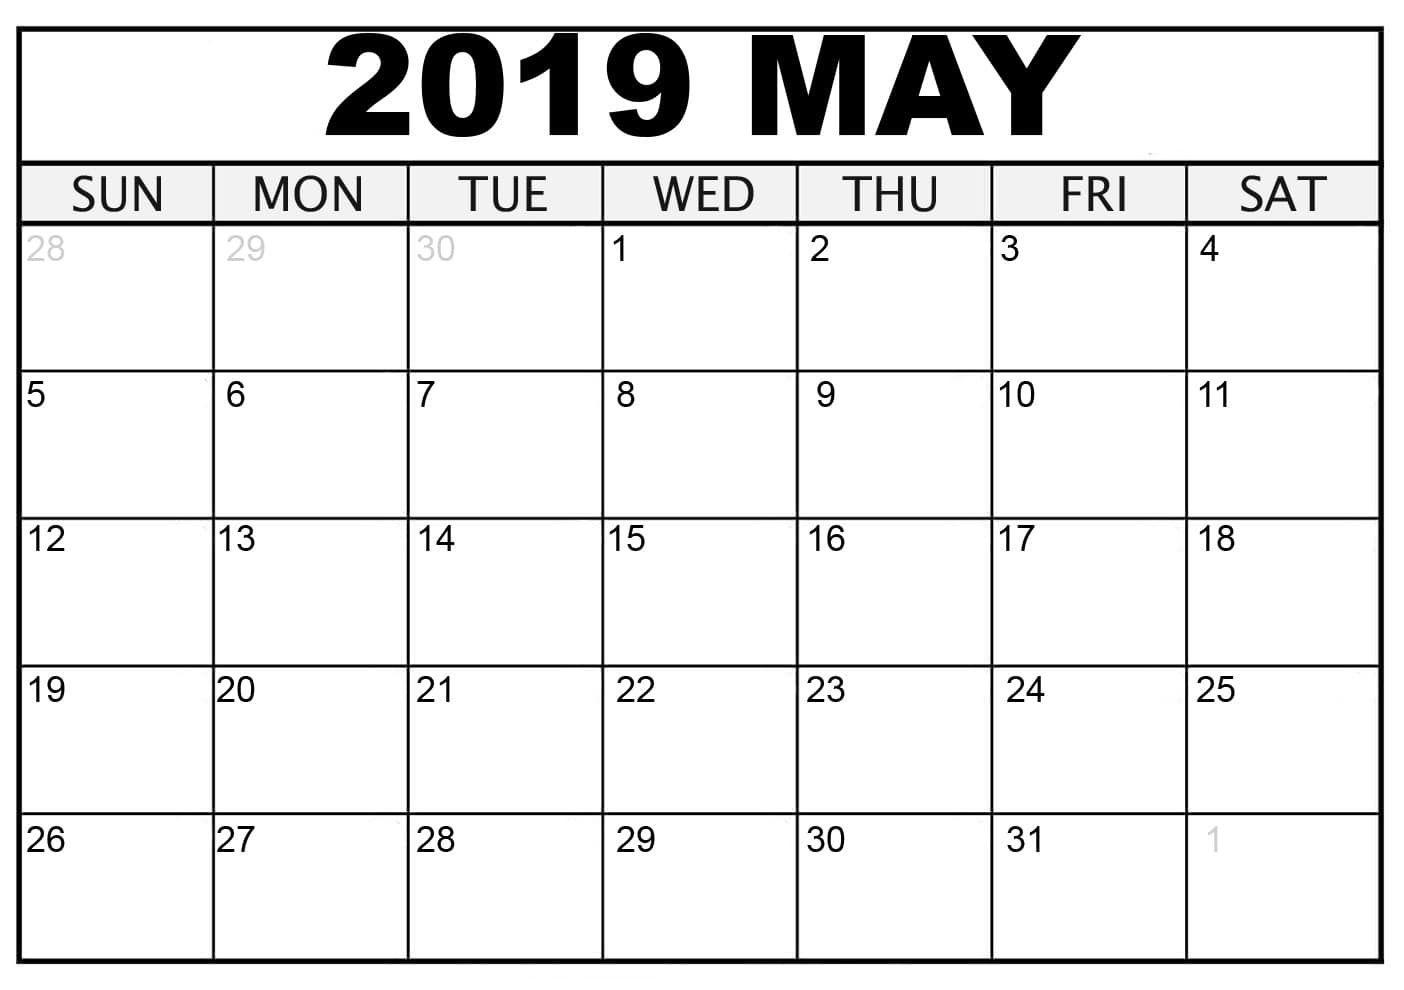 May 2019 Printable Calendar Decorative   May 2019 Blank Calendar Pdf within Decorative Printable Calendar Templates